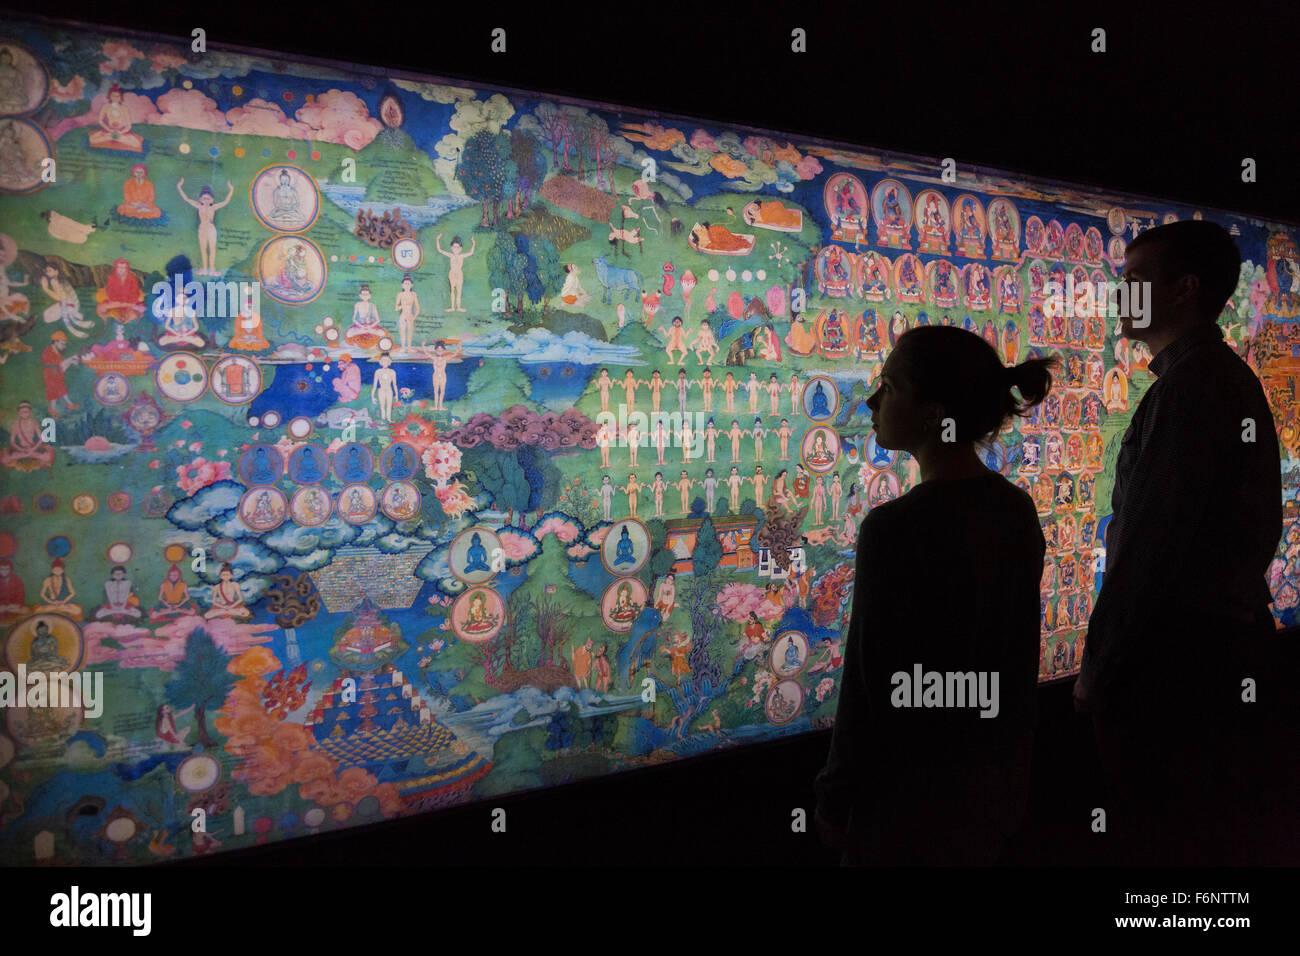 Im Bild: Wellcome Collection Mitarbeiter Betrachten Die The Lukhang  Wandmalereien Von Meditationsraum In Der Lukhang, Vom Fotografen Thomas  Laird.